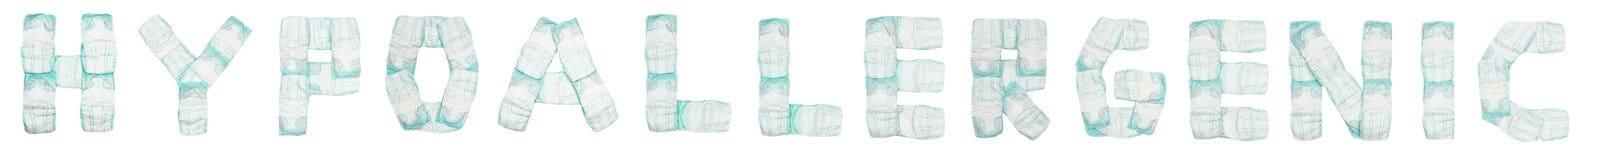 Οι hypoallergenic σχεδιασμένες πάνες μωρών λέξης σε ένα άσπρο υπόβαθρο, απομονώνουν, πετσέτα, επιγραφή στοκ εικόνες με δικαίωμα ελεύθερης χρήσης